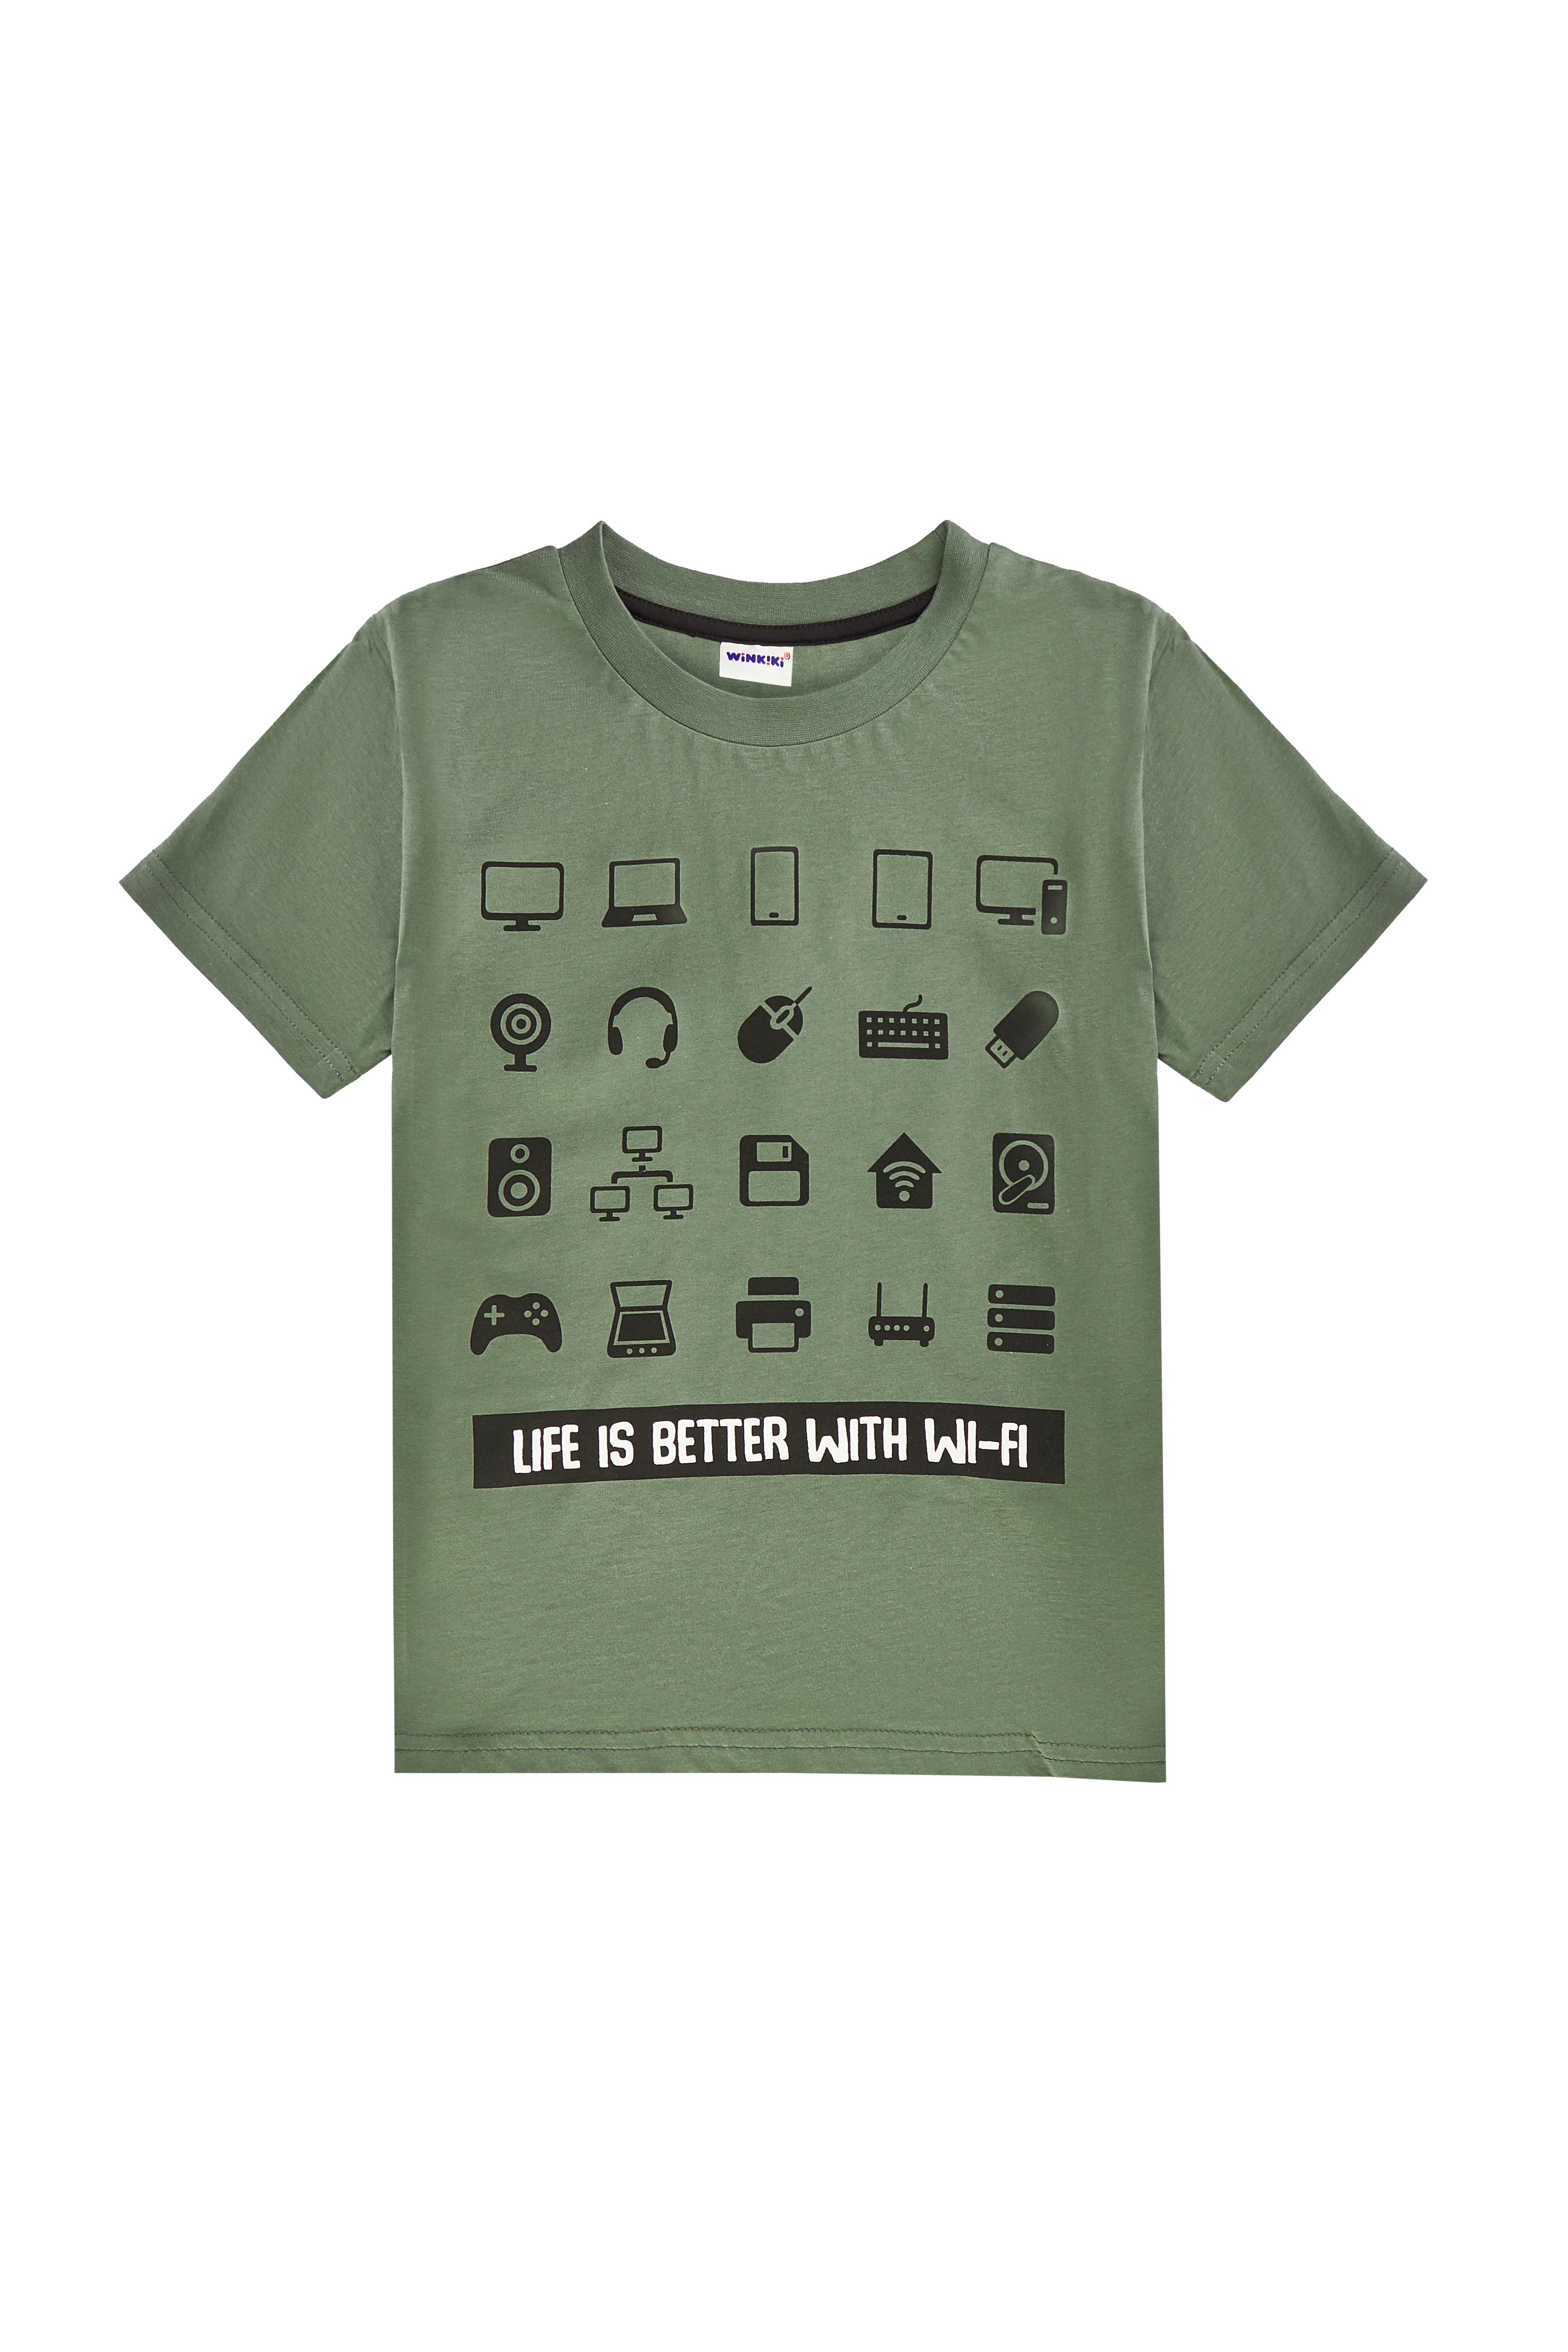 Chlapecké tričko American Gamer - černá Černá, Khaki, Modrý melanž